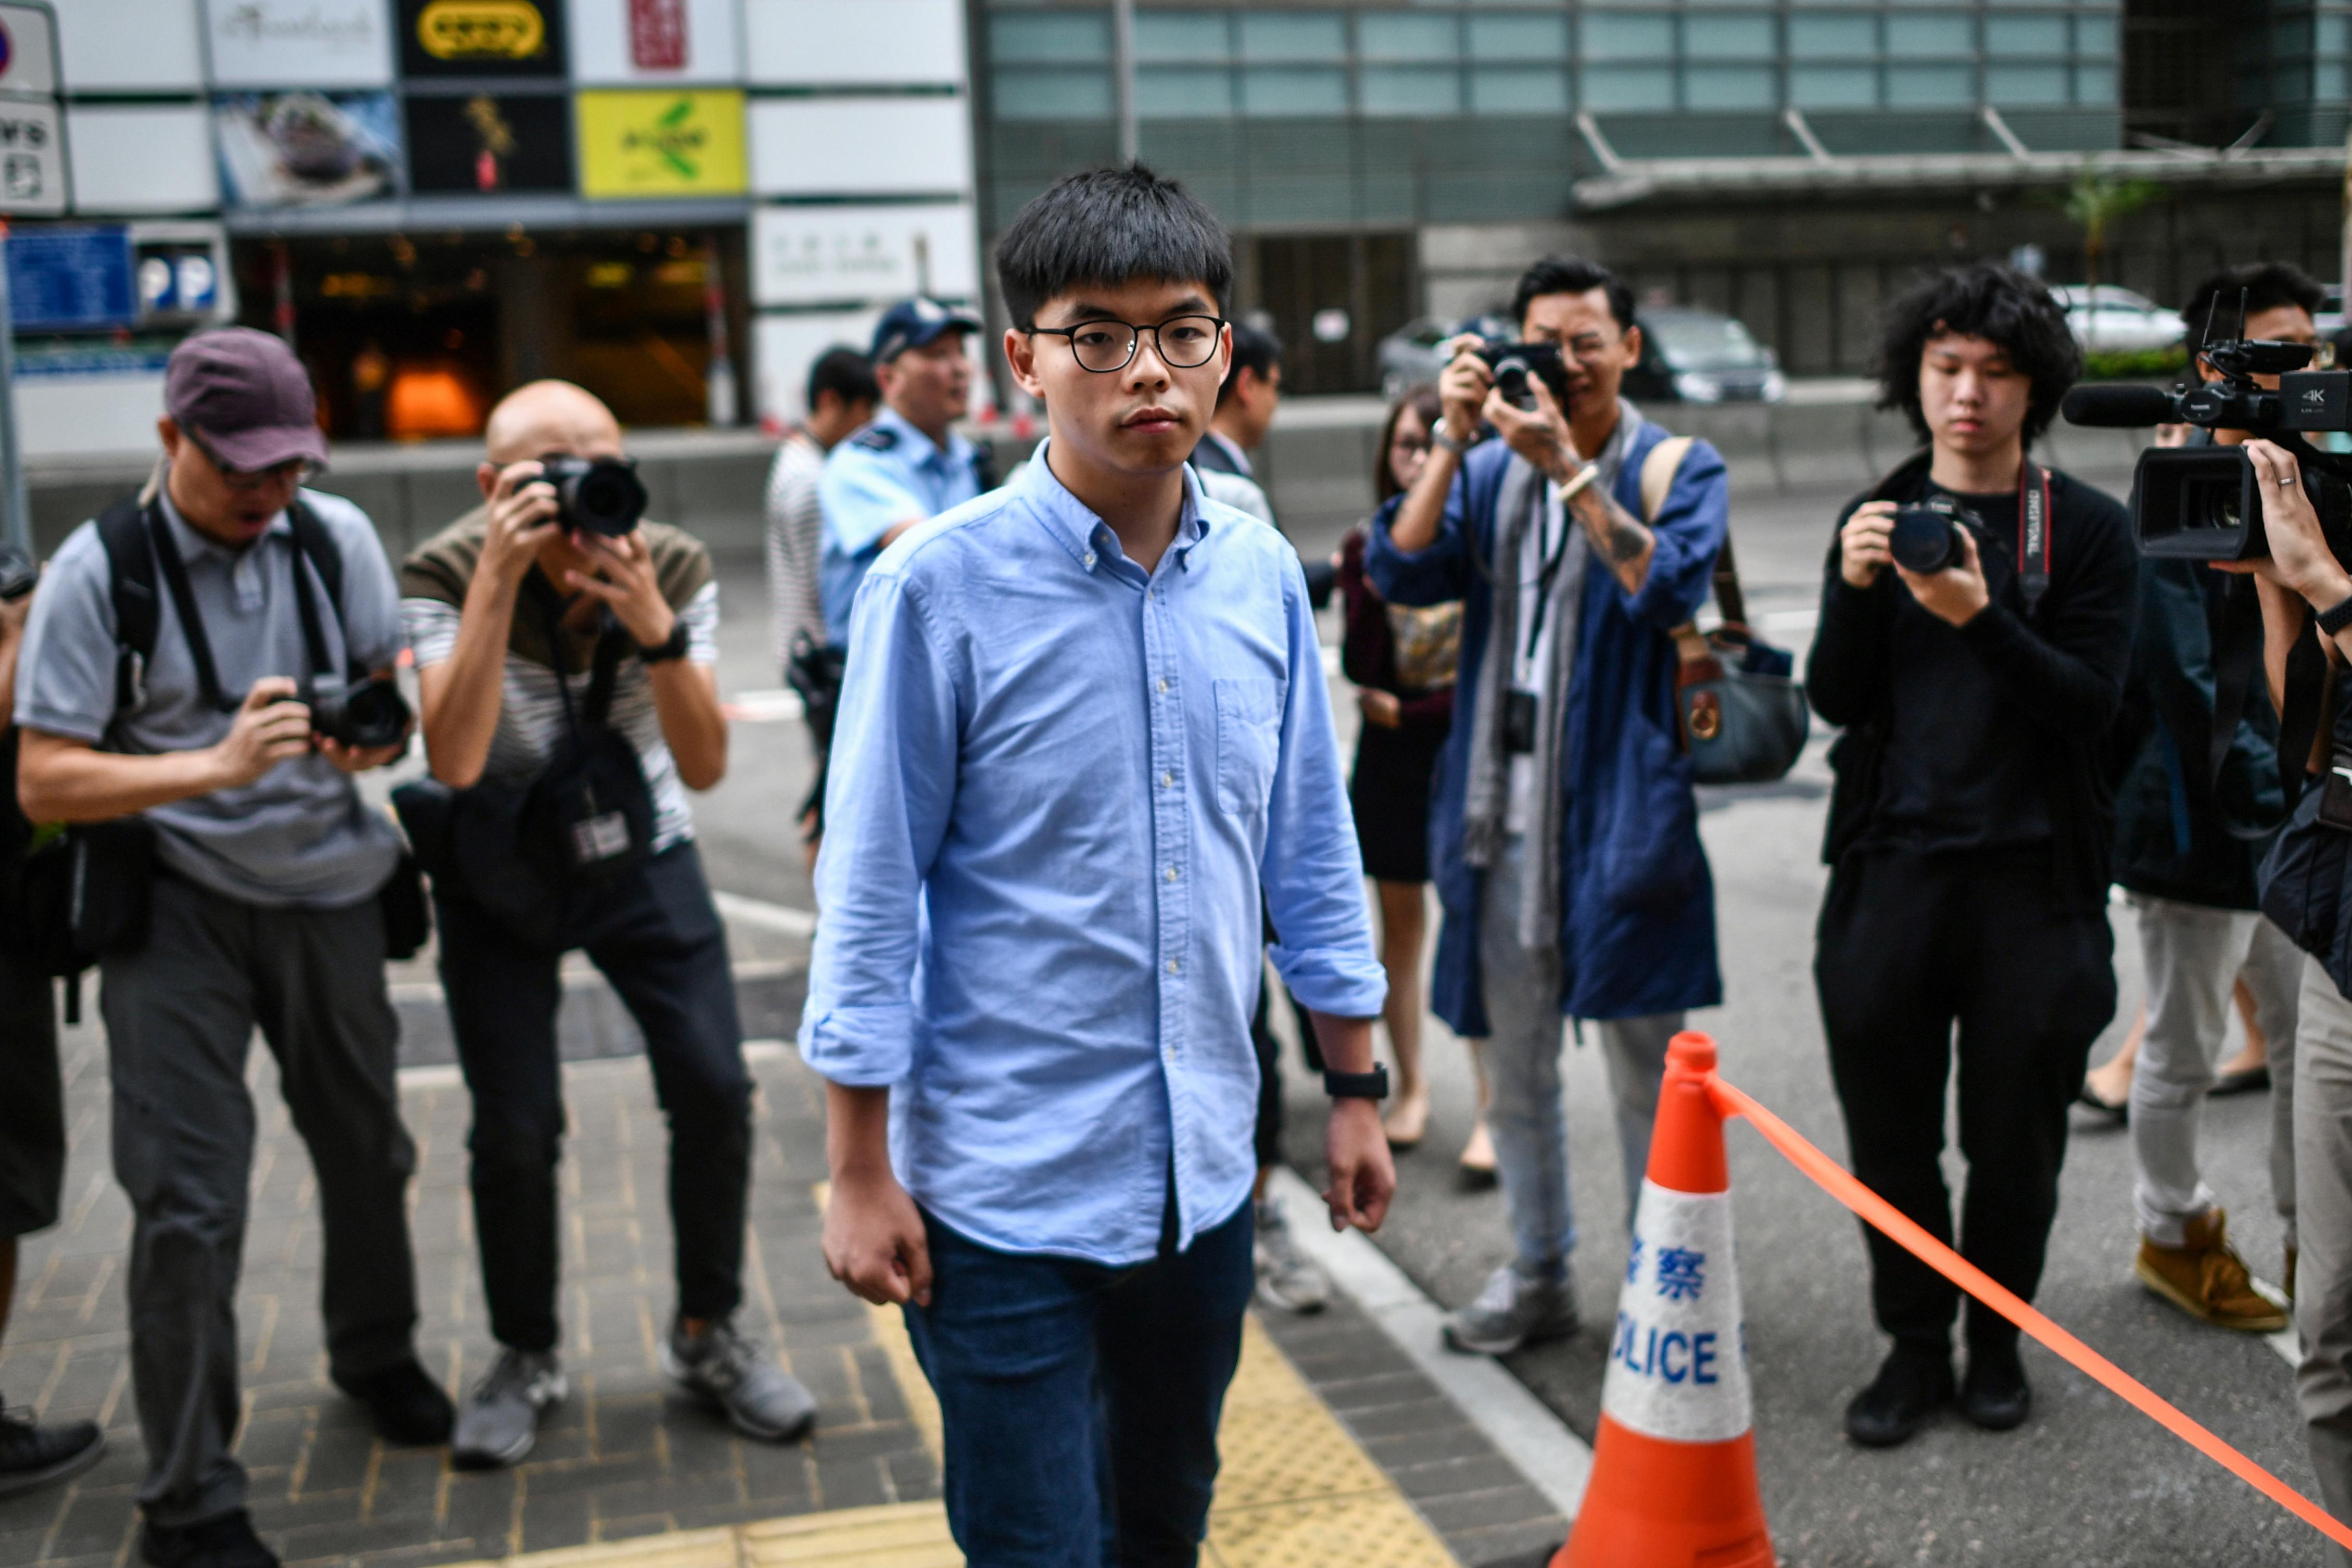 Hong Kong Democracy Activist Joshua Wong Arrested Again